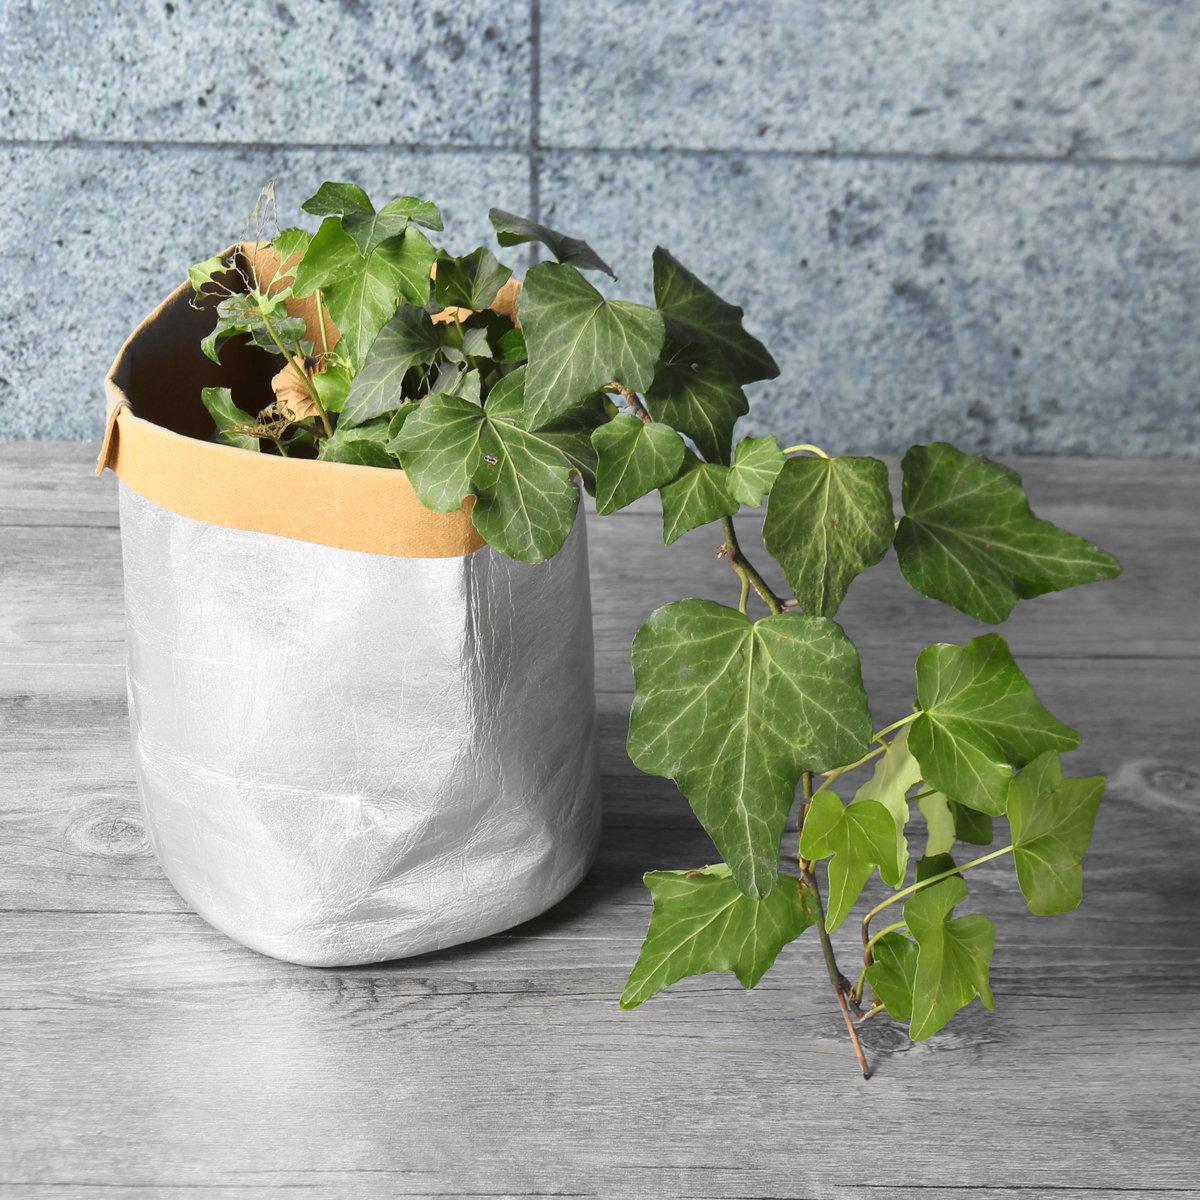 ガーデニング洗えるクラフト紙袋植物植木鉢多機能家の貯蔵容器